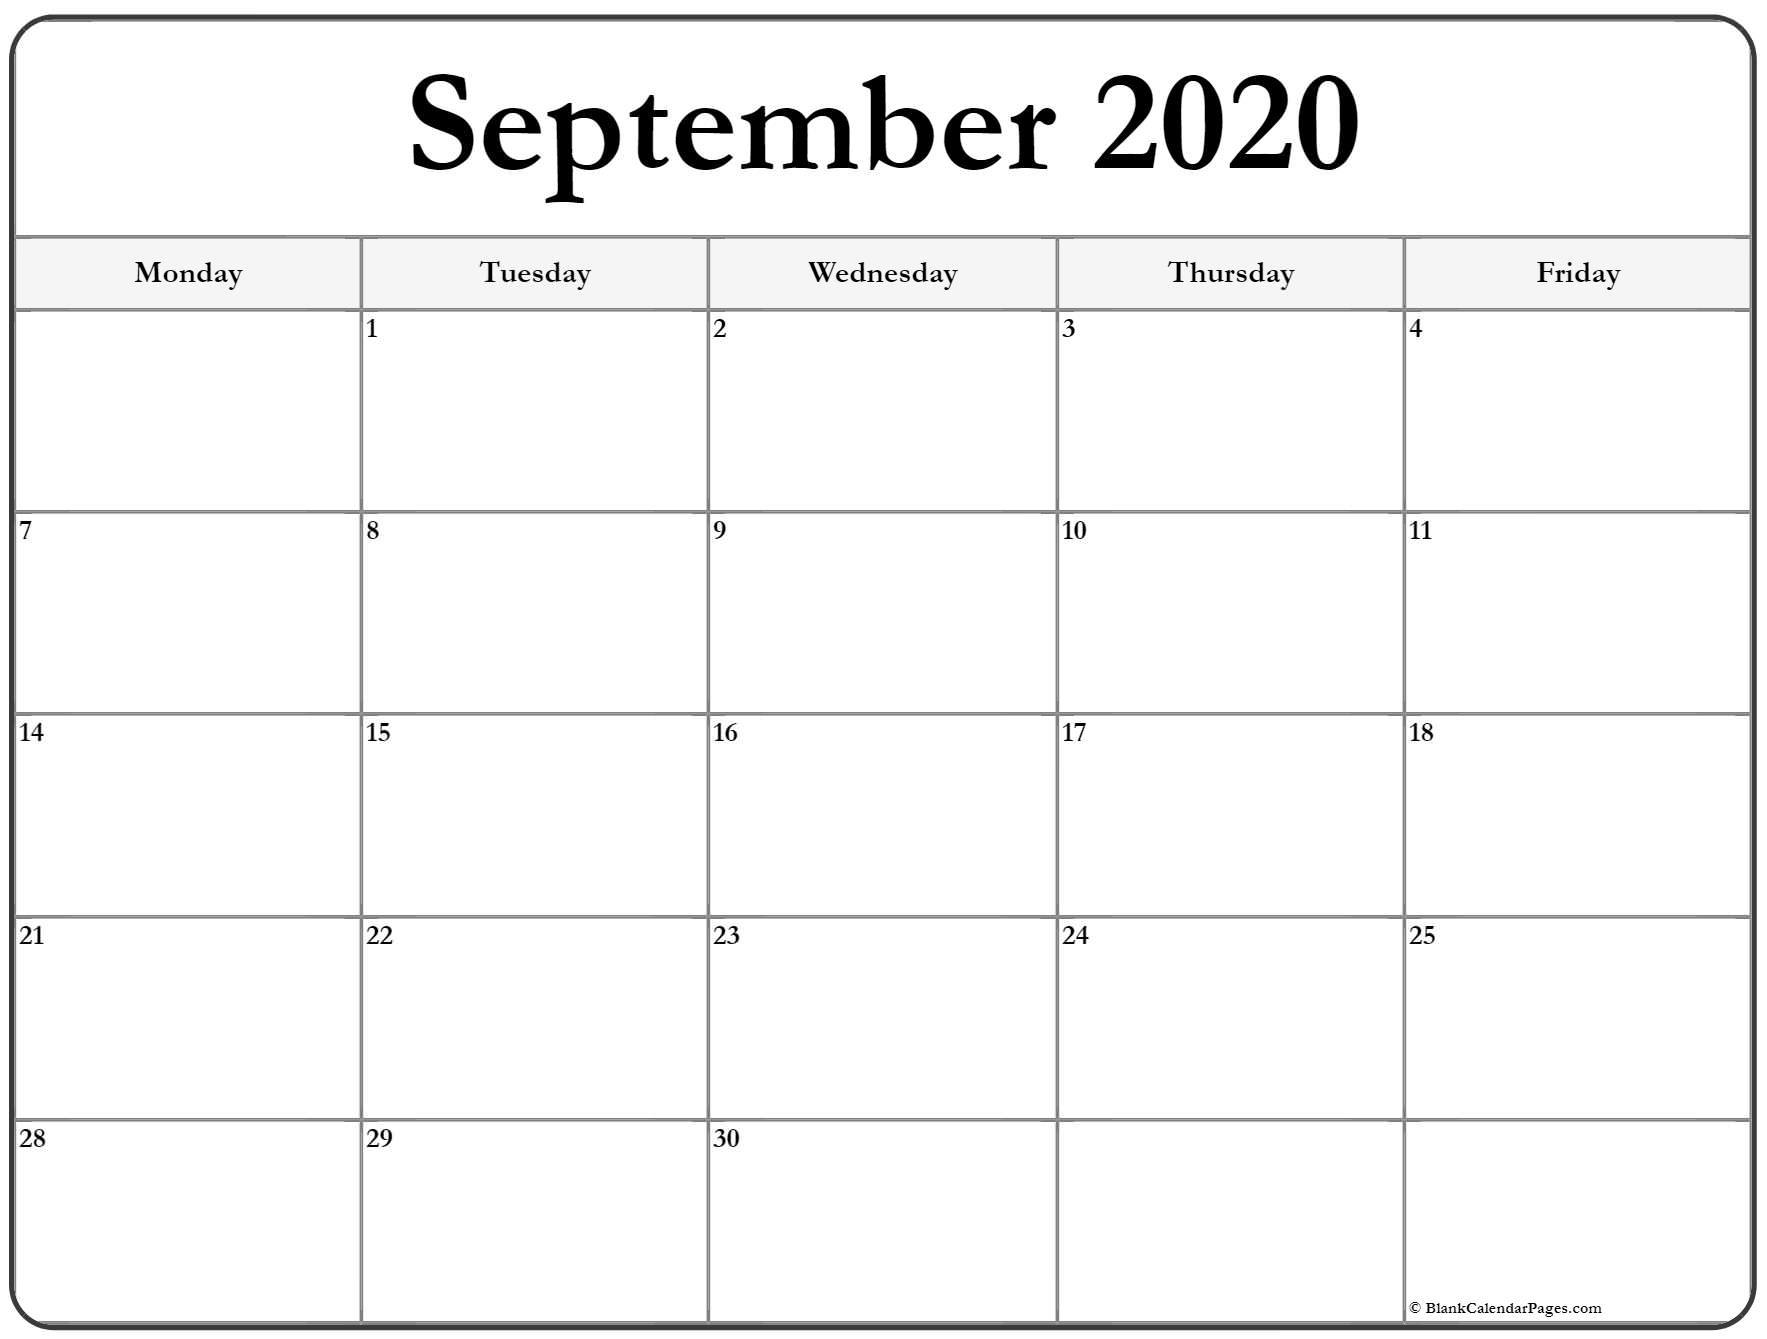 September 2020 Monday Calendar | Monday To Sunday in Free Printable Monday Through Friday Calendar